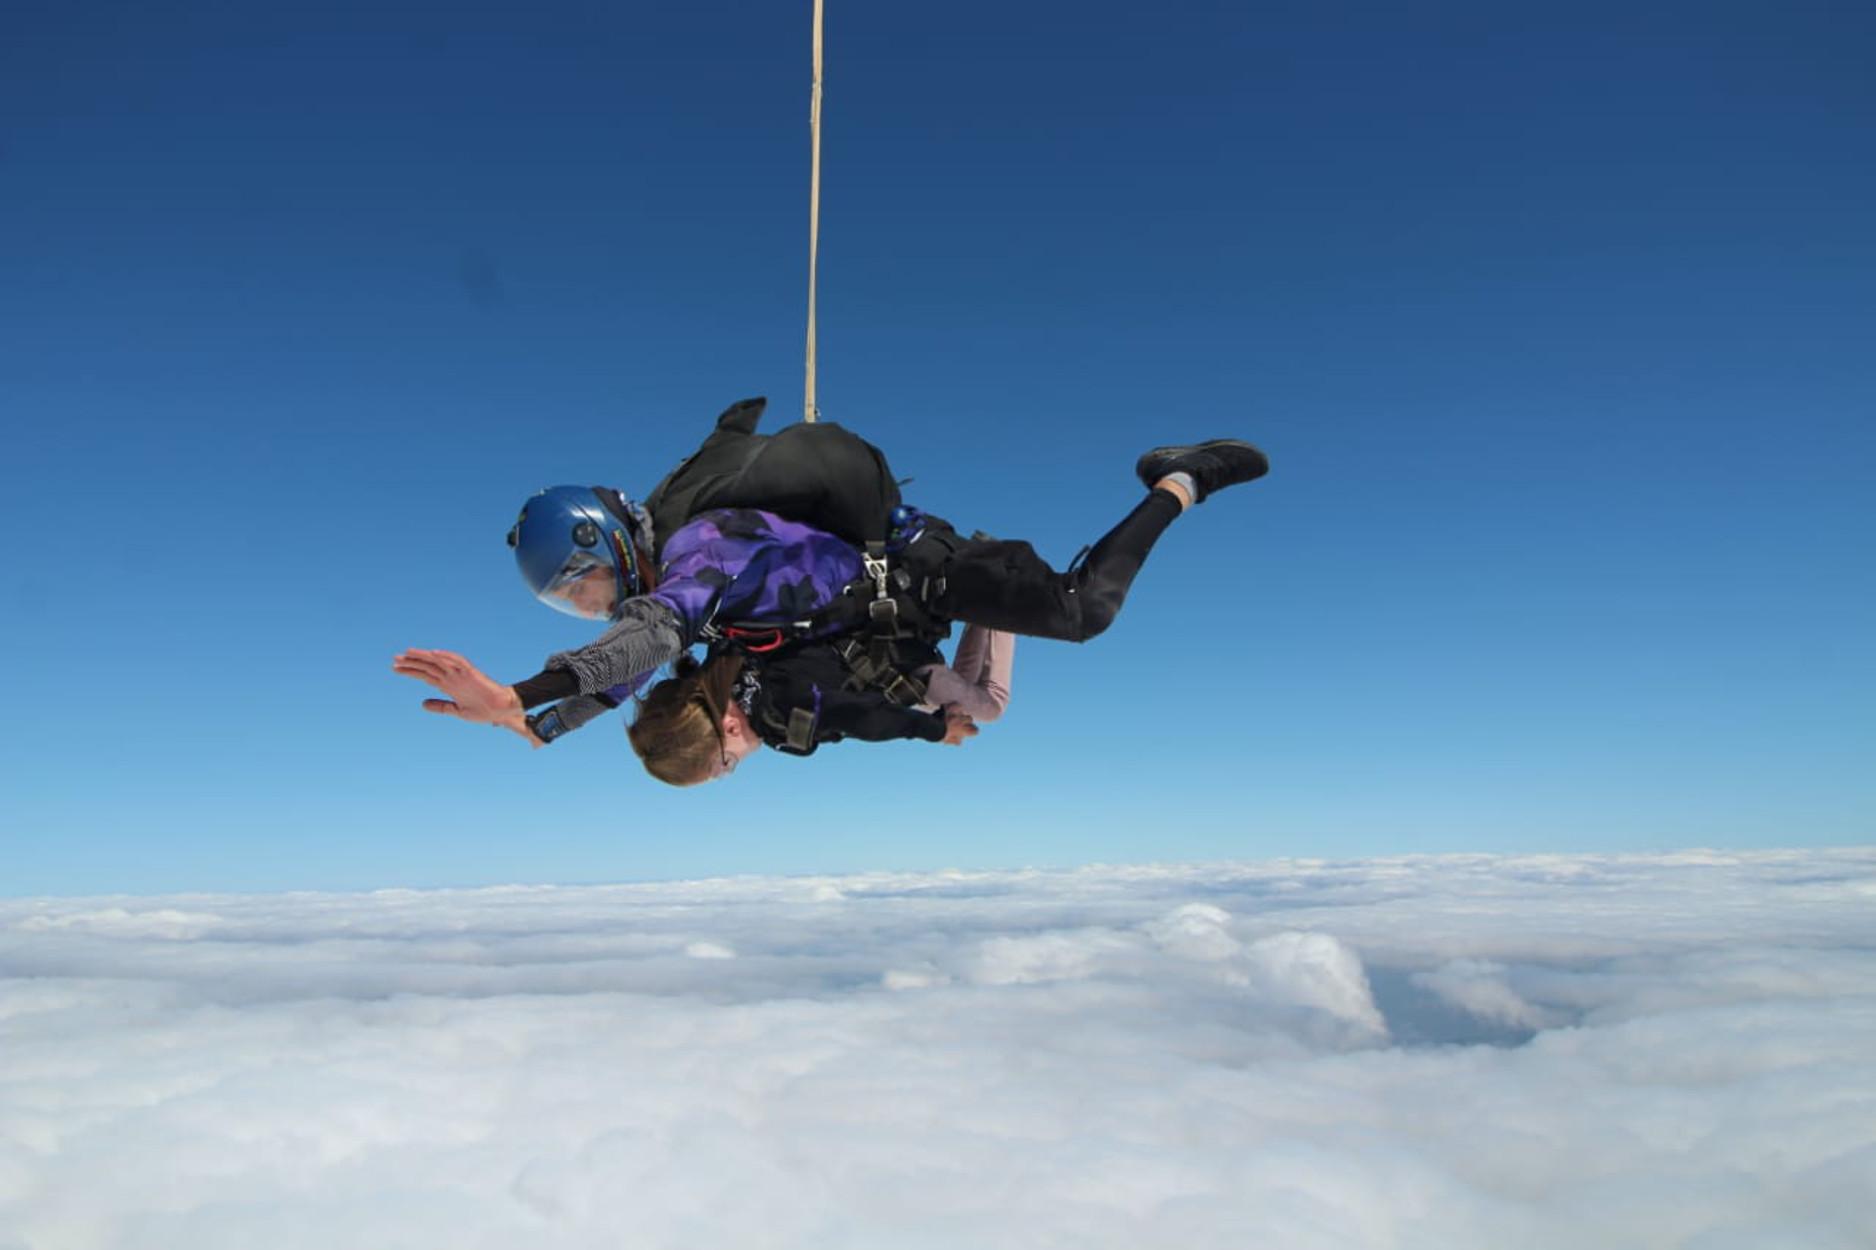 Μετά την ανάβαση στον Όλυμπο η φοιτήτρια με αναπηρία Ελευθερία Τόσιου έπεσε από τα 14.000 πόδια